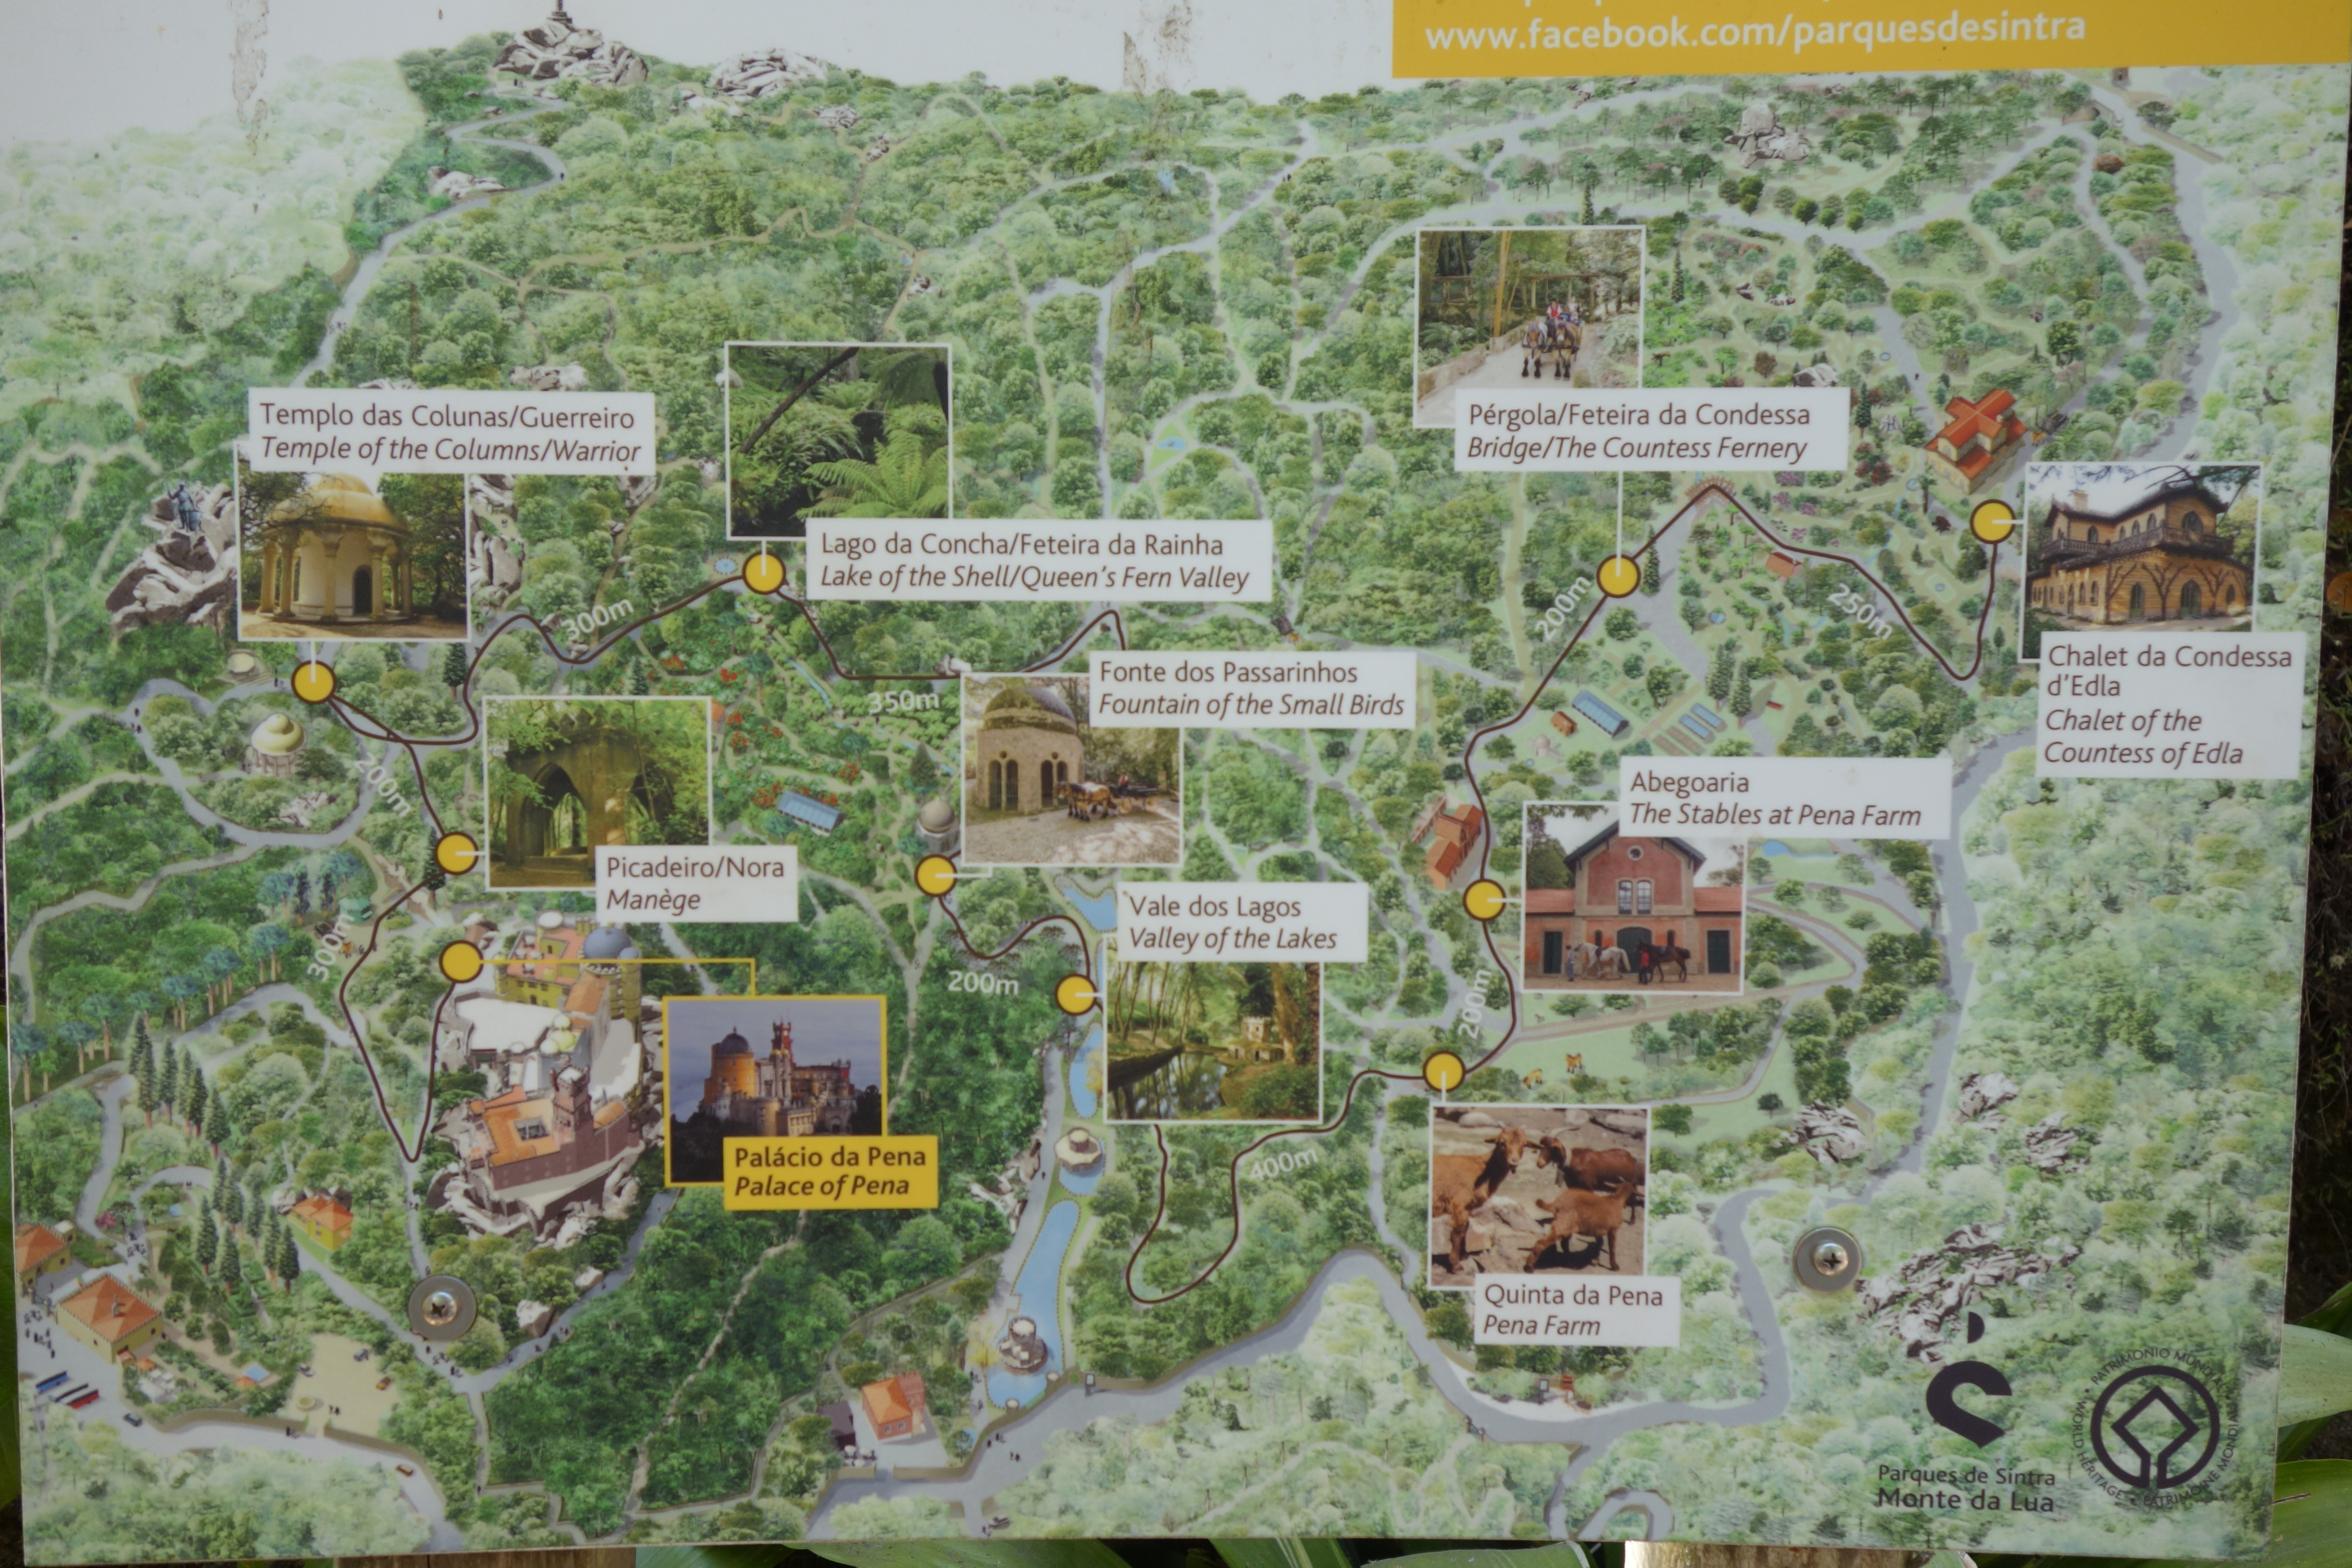 Sintra : Palácio da Pena (UNESCO Weltkulturerbe) Route des Hop on Hop off Busses